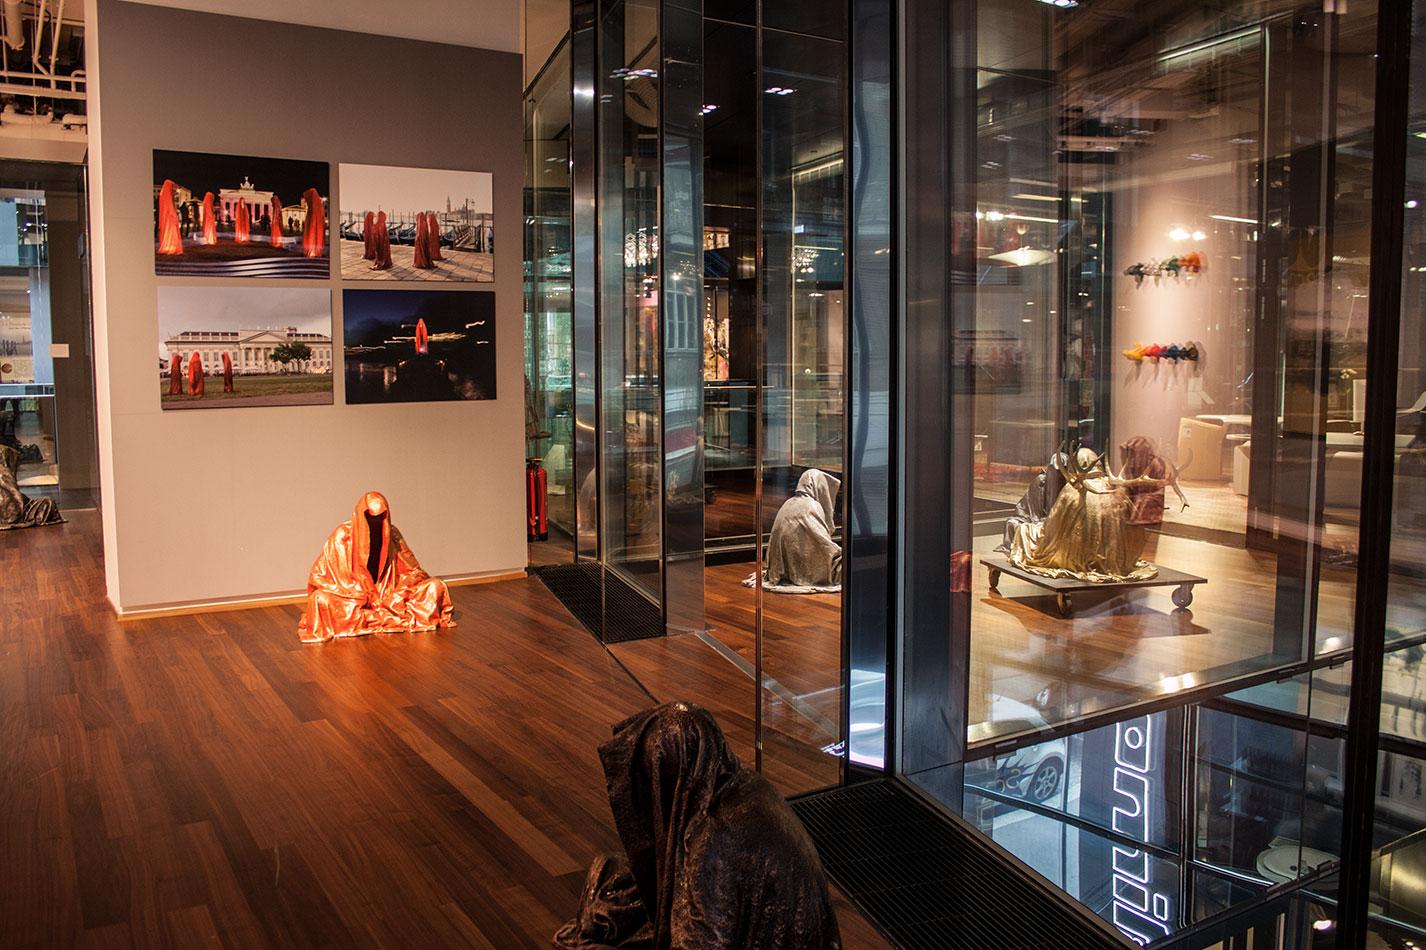 stilwerk-wien-designtower-vienna-show-guardians-of-time-waechter-der-zeit-manfred-kielnhofer-modern-contemporary-fine-art-design-sculpture-3d-arts-3924 - Kopie